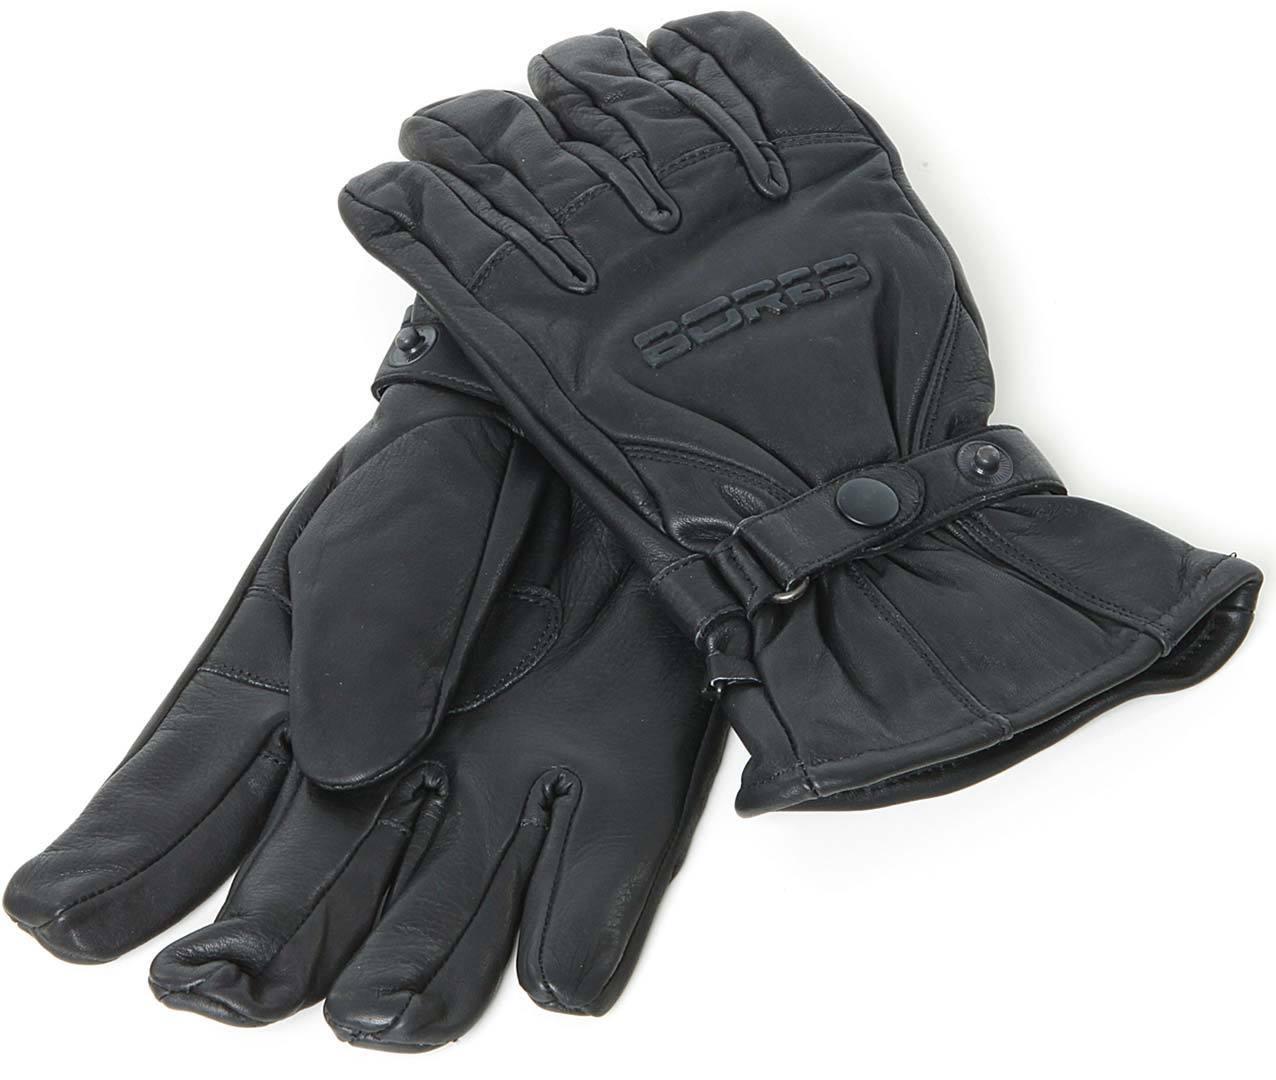 Bores Classico Handschuhe, schwarz, Größe L, schwarz, Größe L